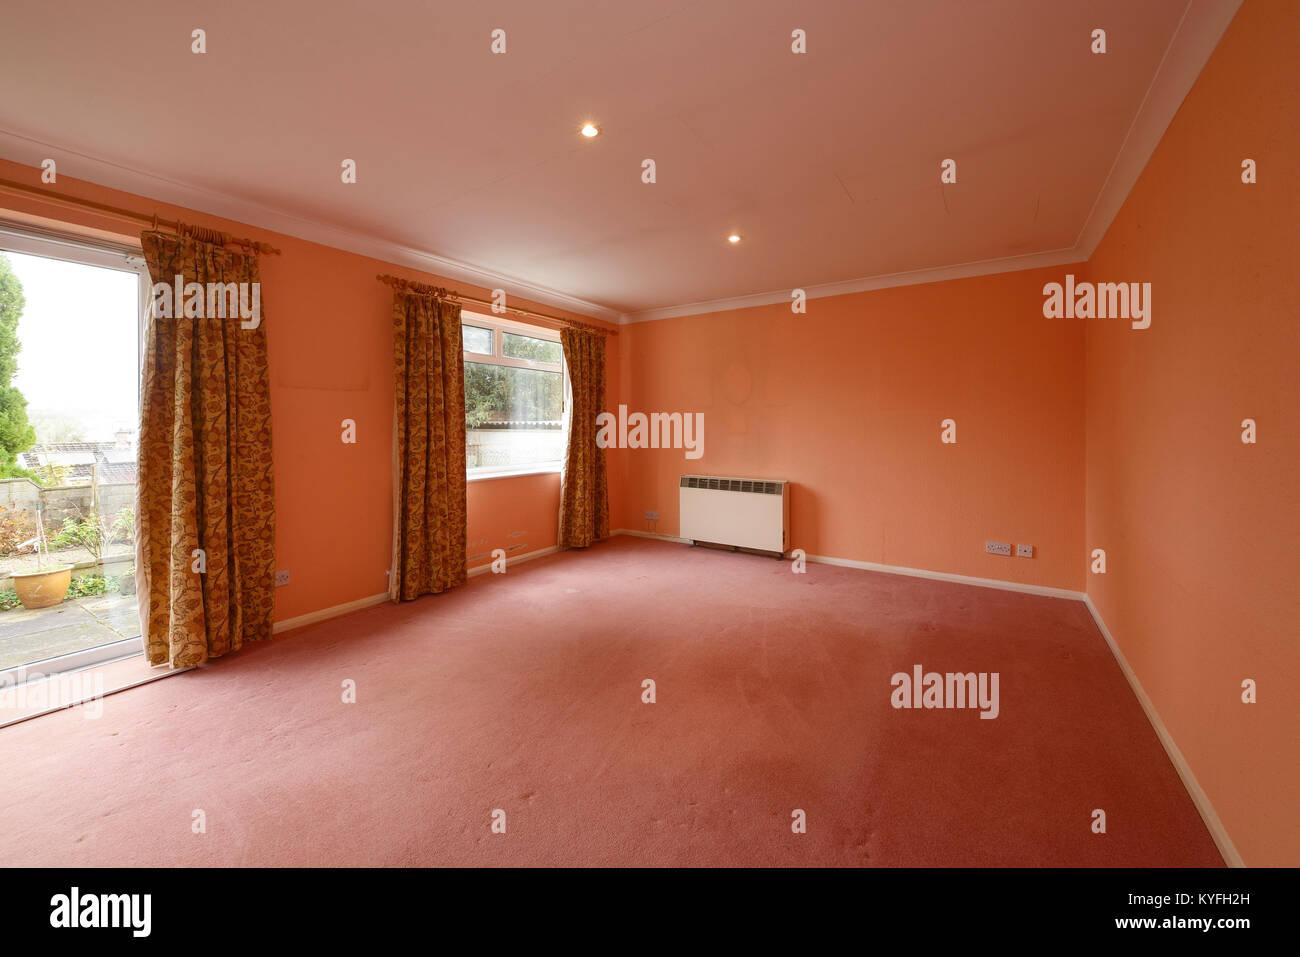 ein wohnzimmer mit alle mobel entfernt und der dekoration und modernisierung